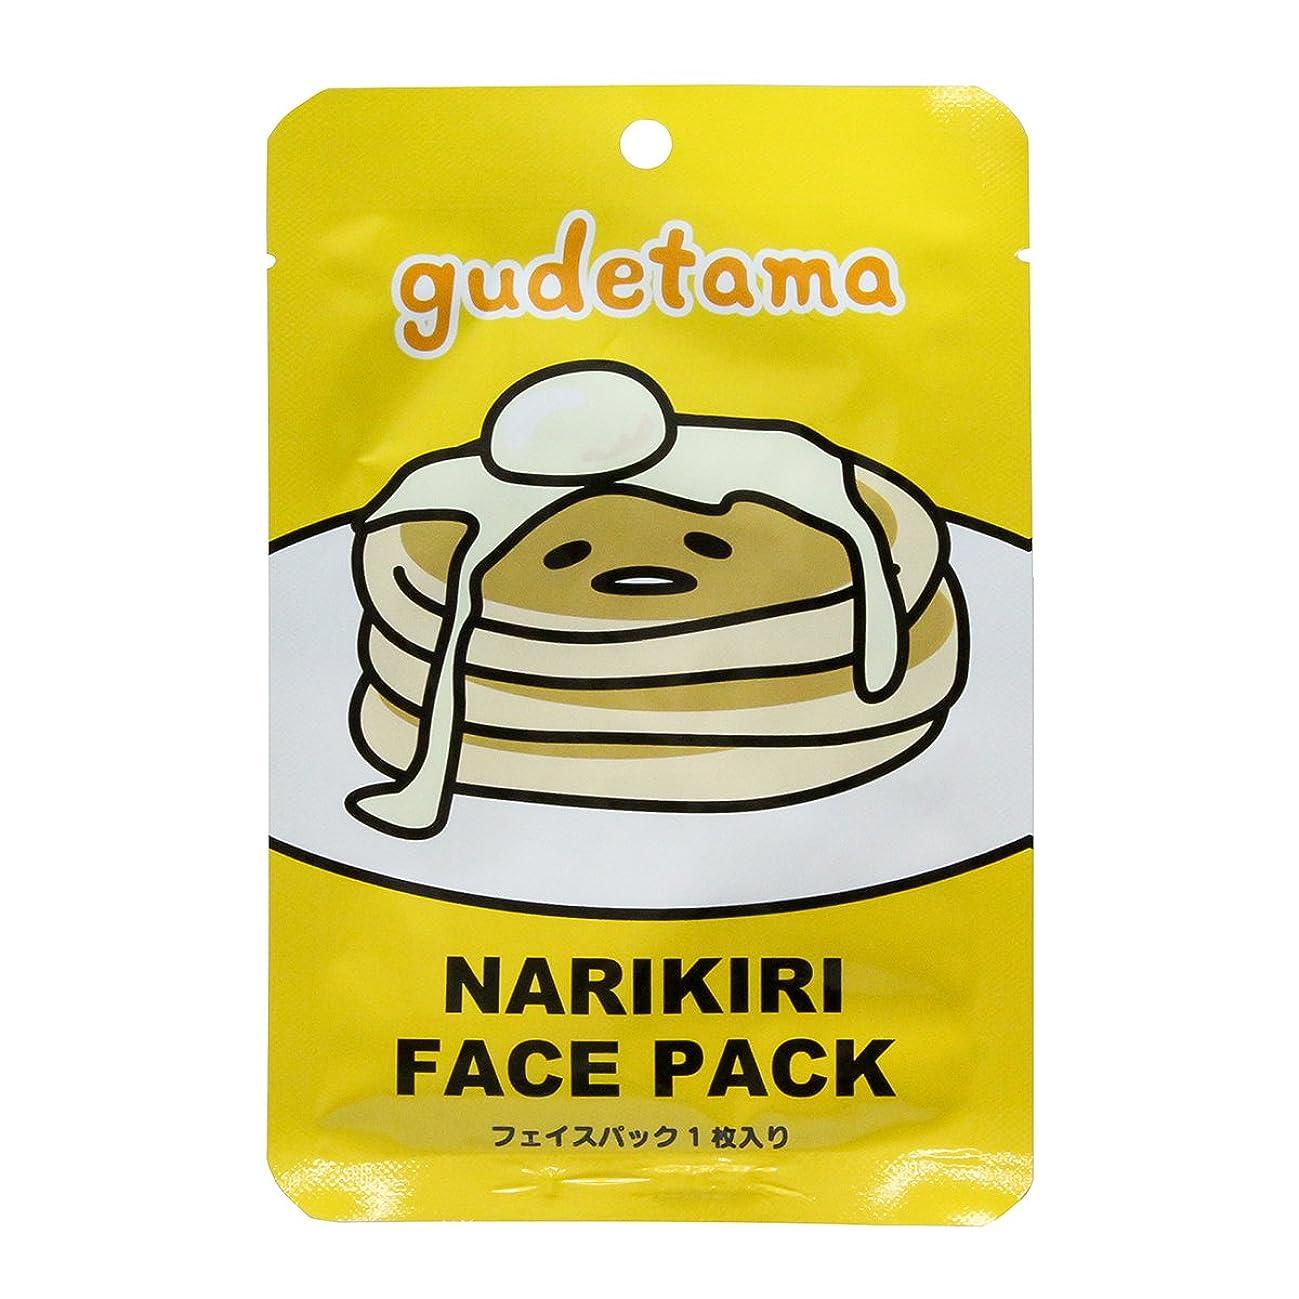 逆さまに独特のロールぐでたま なりきりフェイスパック パンケーキ バニラの香り (20mL × 1枚入)